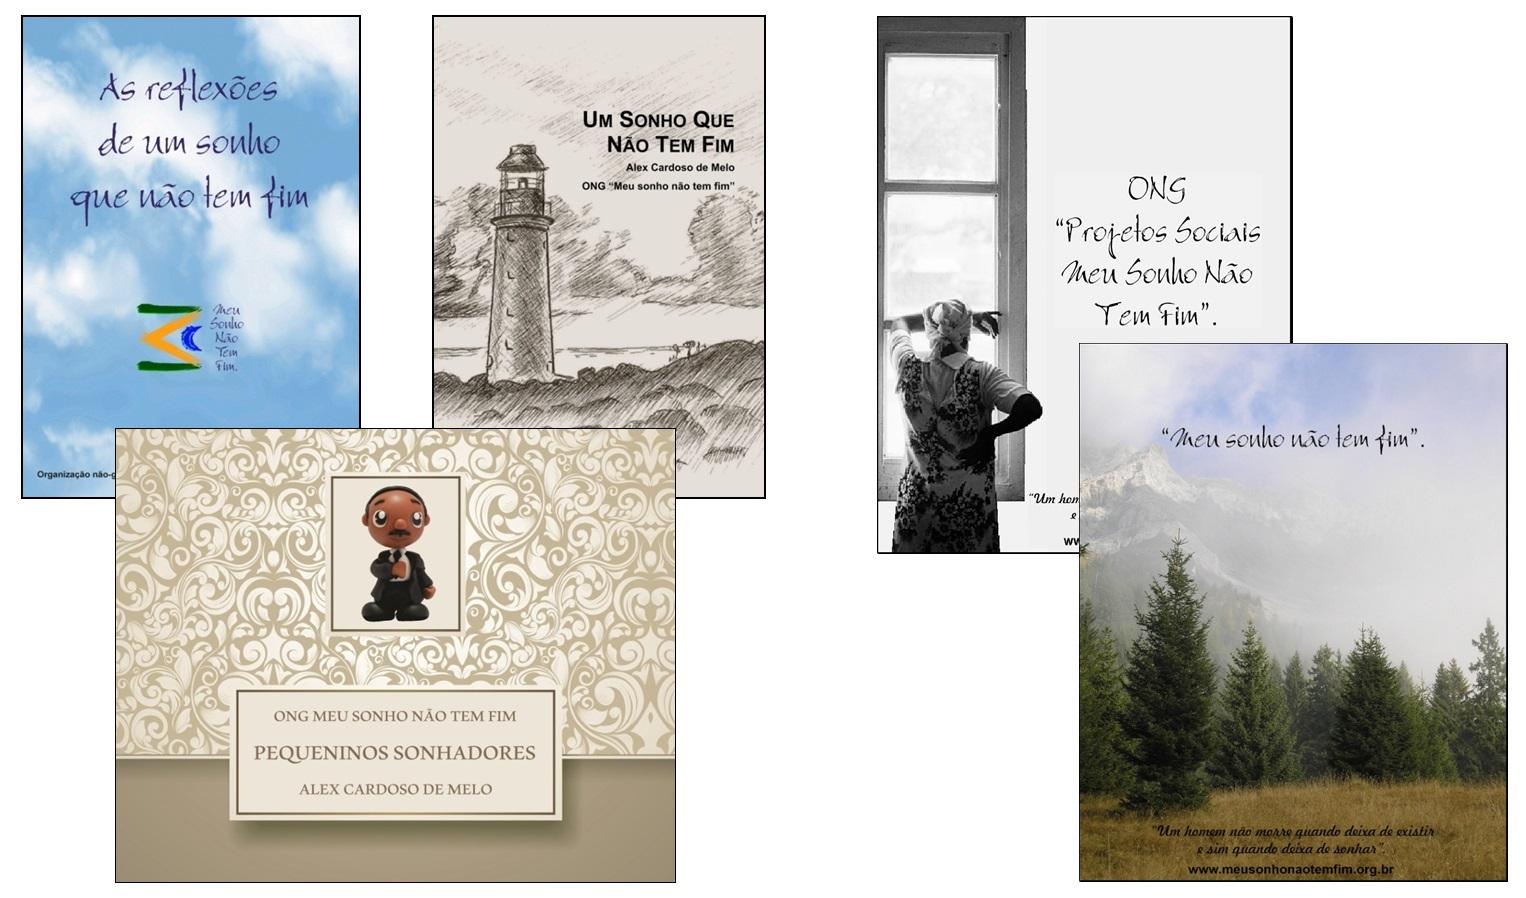 capas de livros da ONG Meu Sonho Não Tem Fim